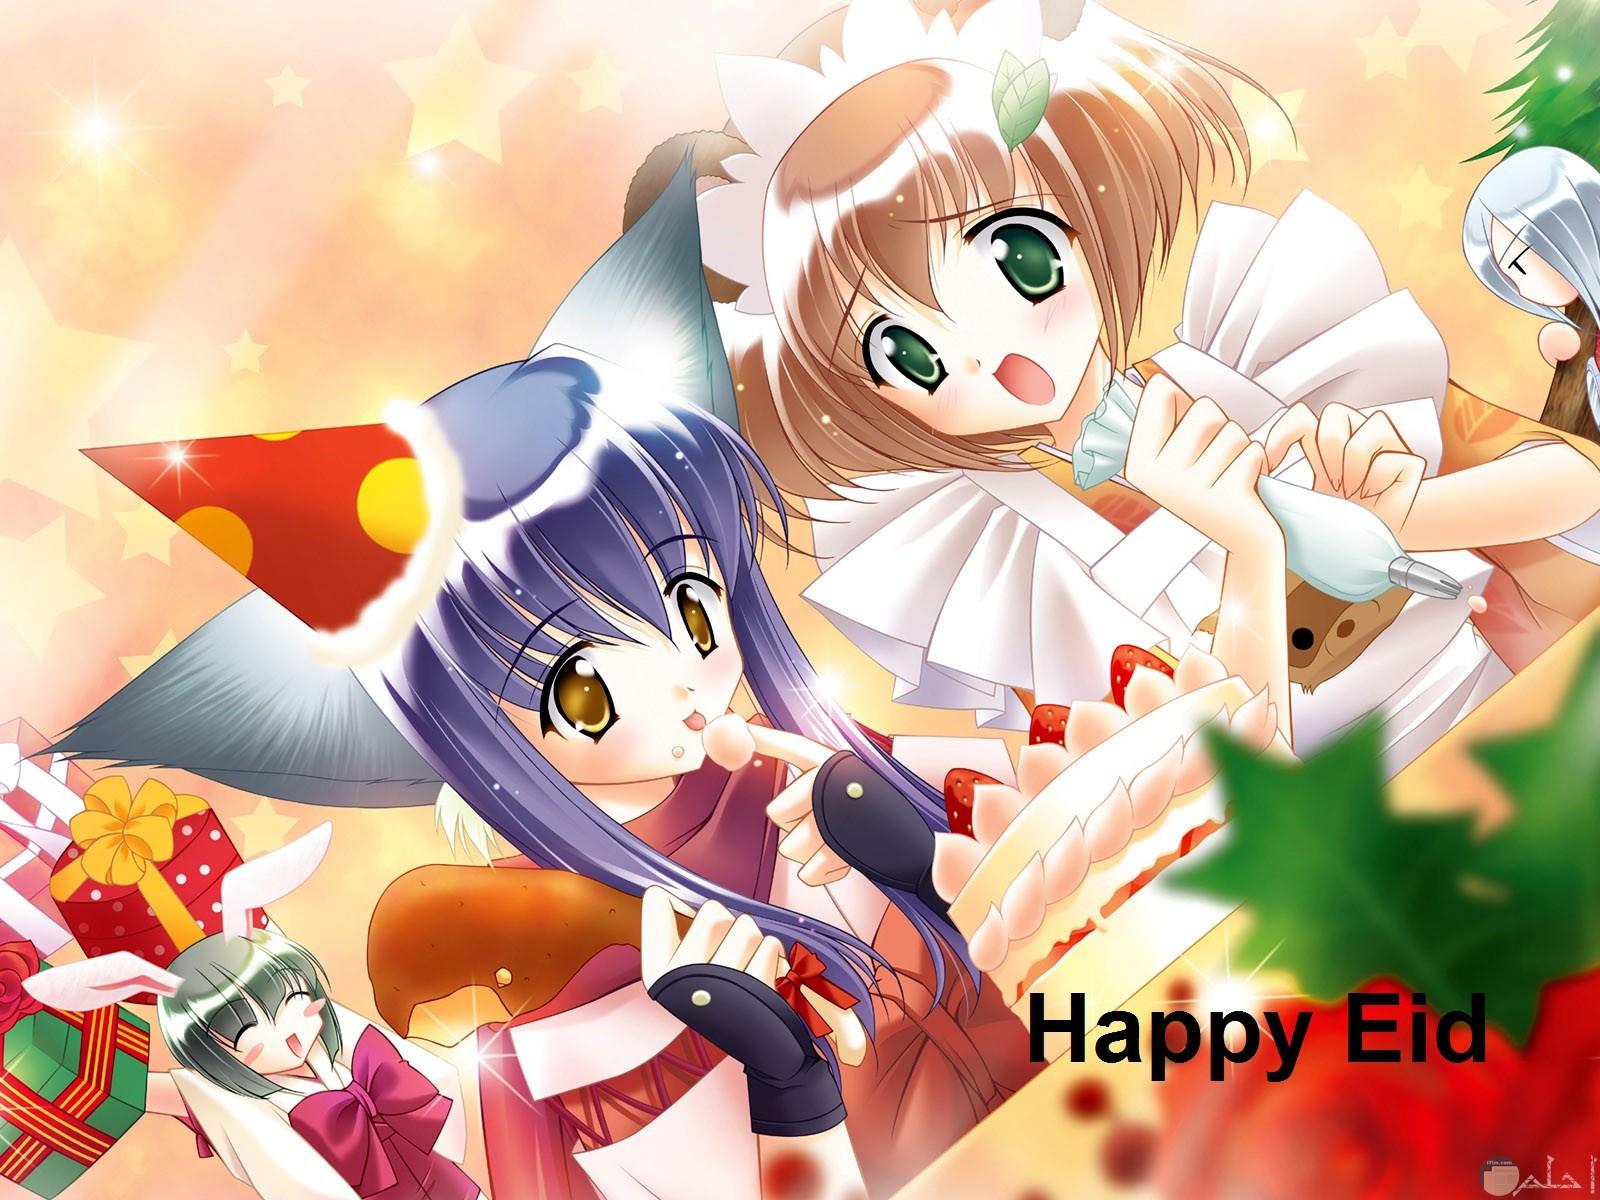 رسم لبنتان أنمي و فرحة العيد و الإحتفال و مكتوب على الصورة عيد سعيد.